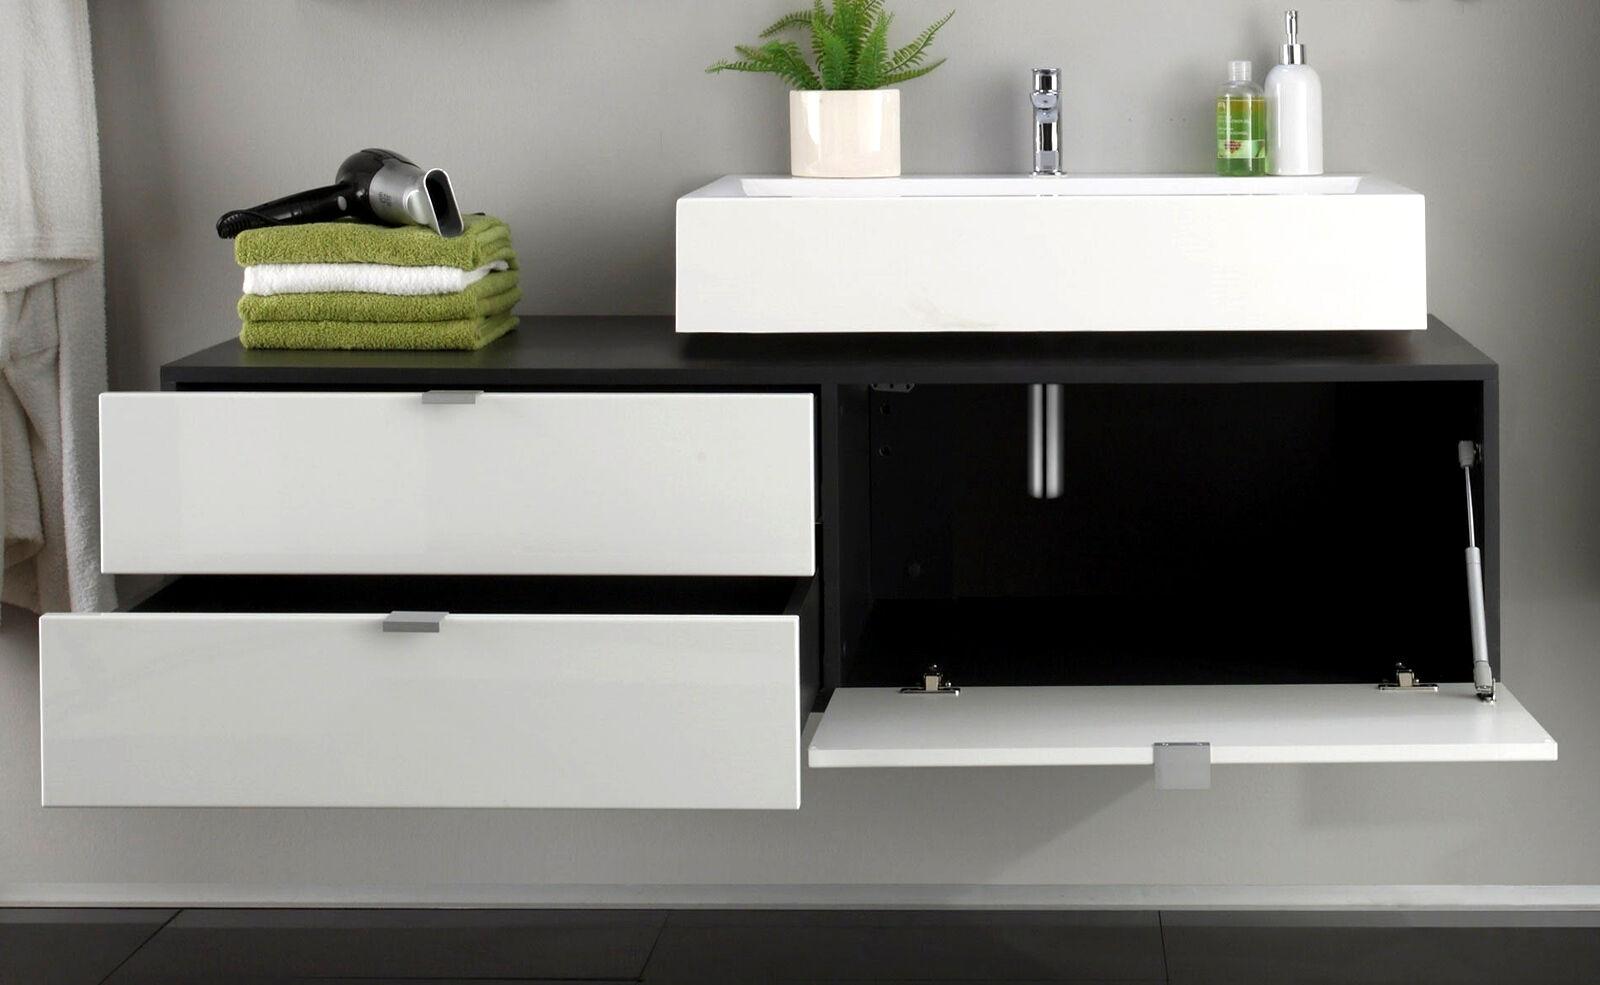 waschbecken unterschrank bad schrank wei hochglanz grau waschtisch m bel beach eur 184 99. Black Bedroom Furniture Sets. Home Design Ideas